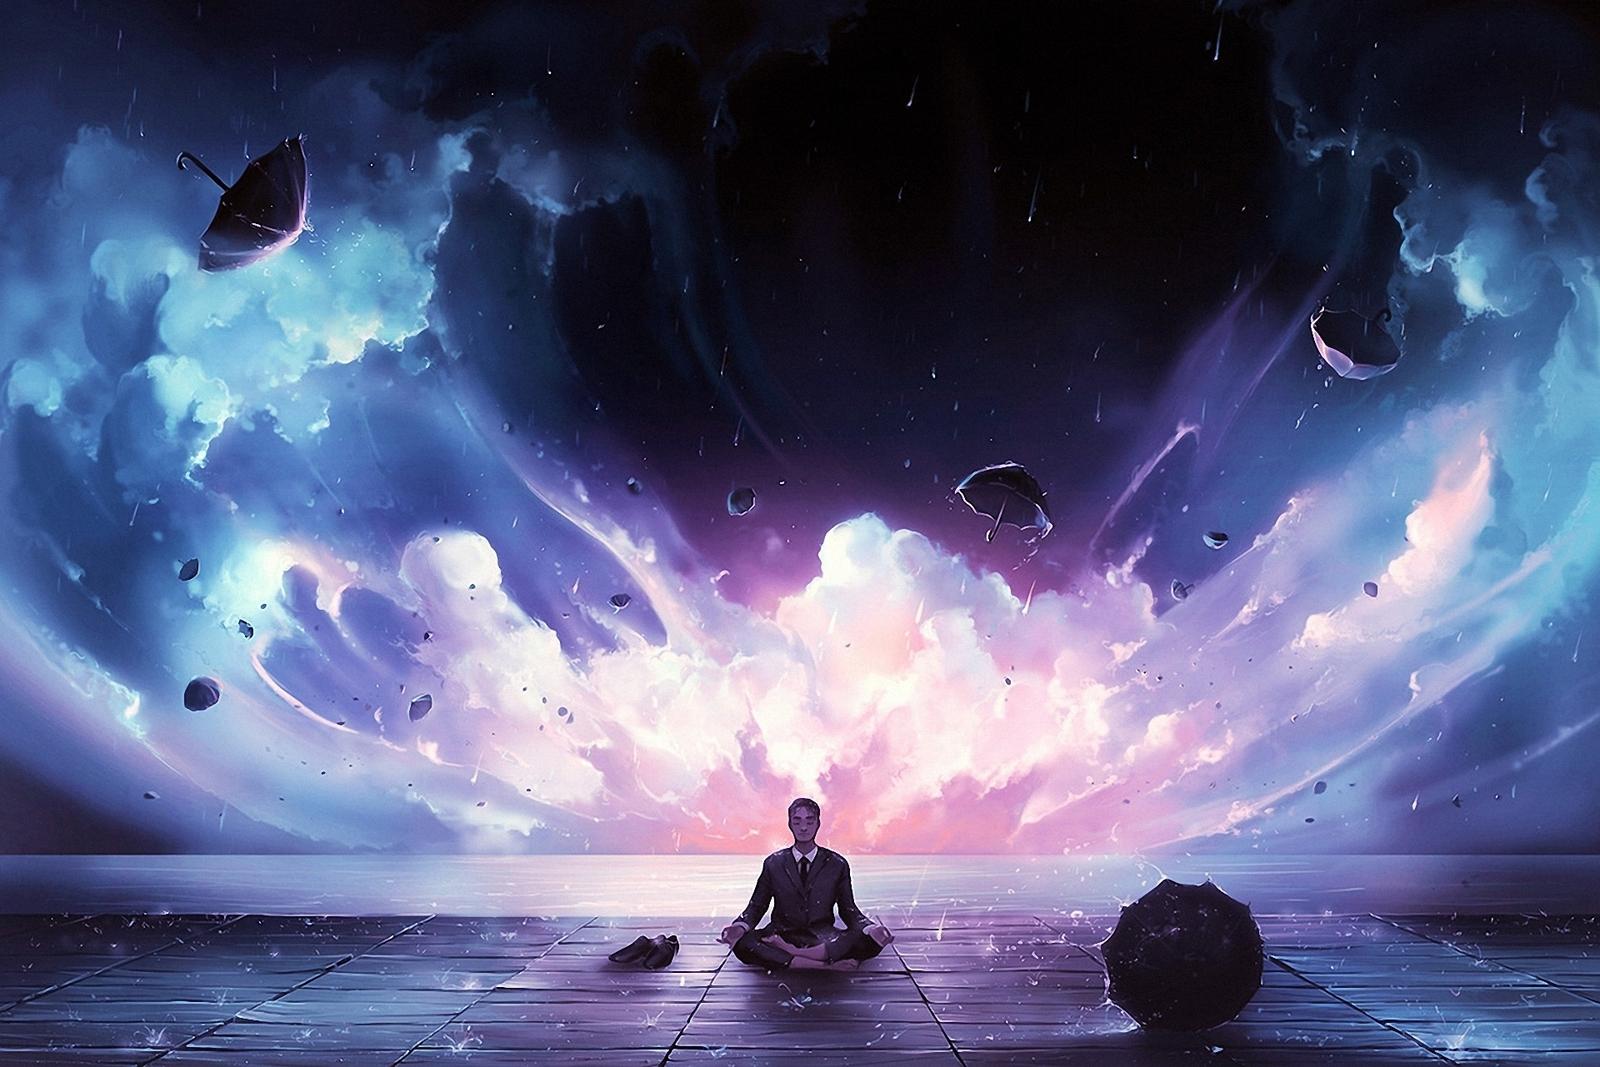 Философия в картинках - Страница 3 1460330307171716799